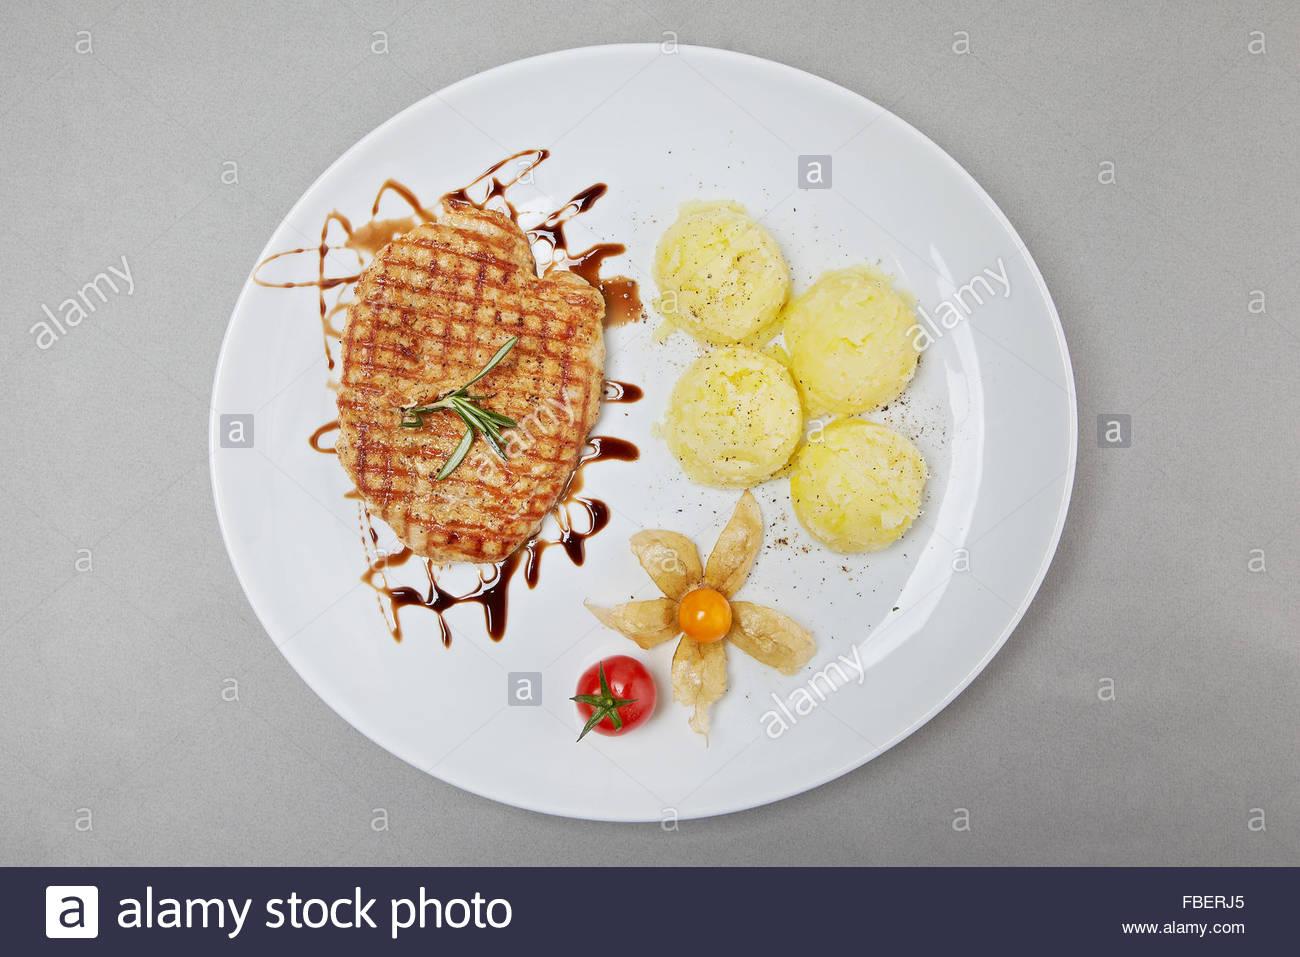 Le steak grillé et purée de pommes de terre délicieux repas Photo Stock